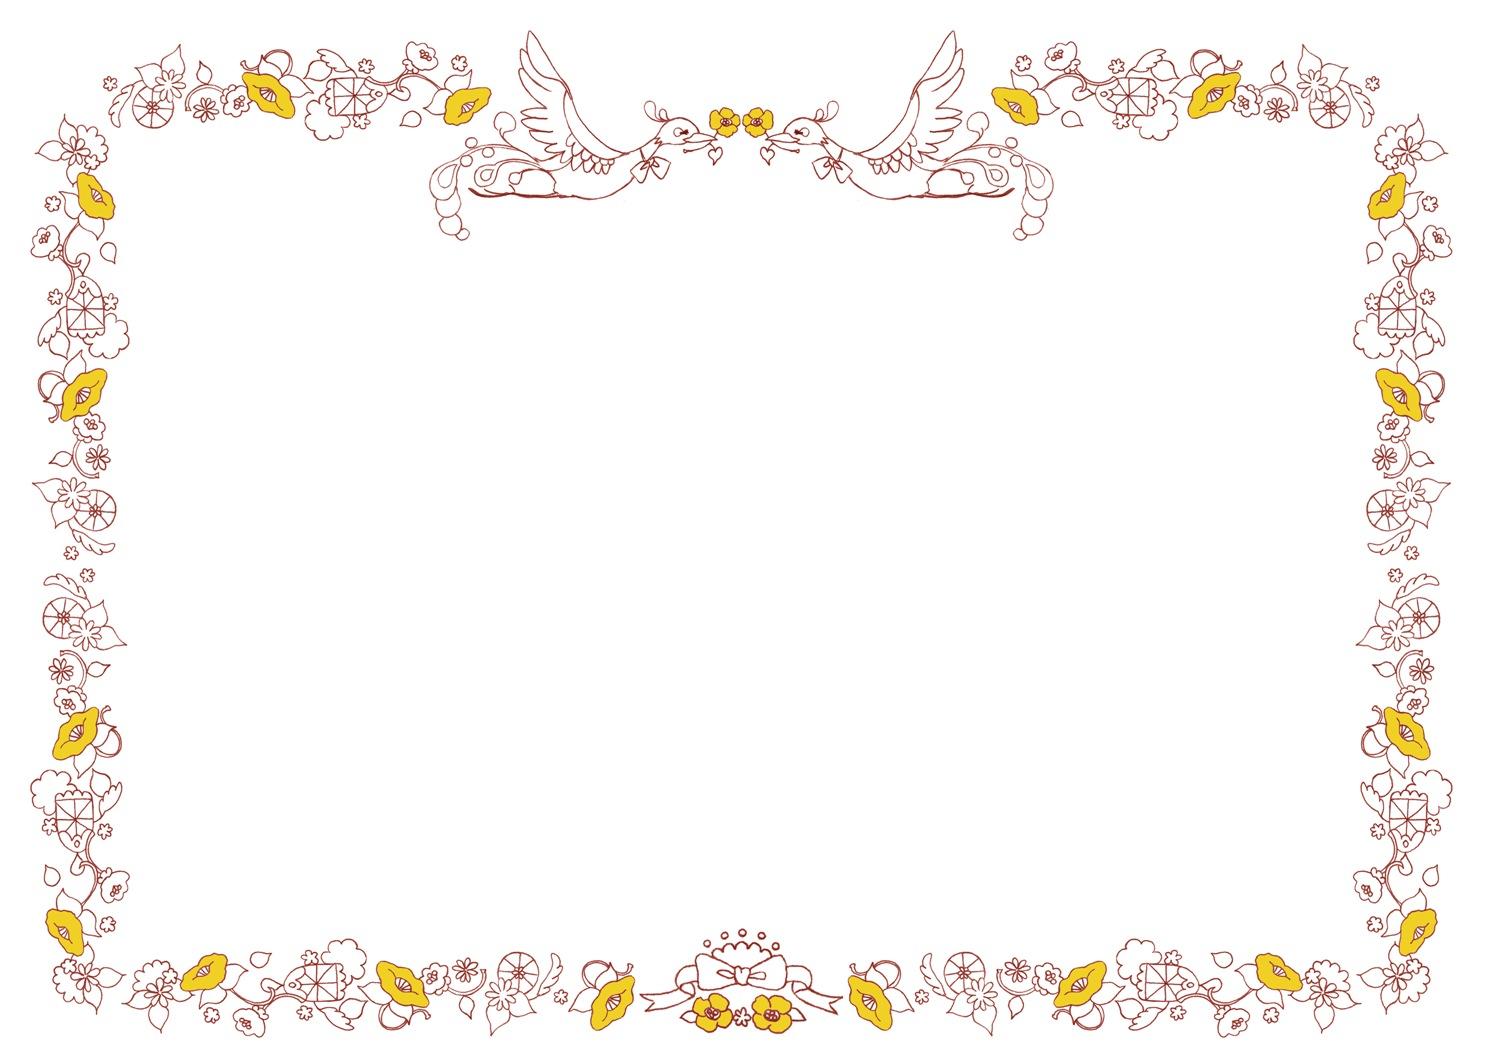 賞状枠テンプレート4【賞状・命名書・宛名書き・毛筆手書き文字の筆耕 賞状